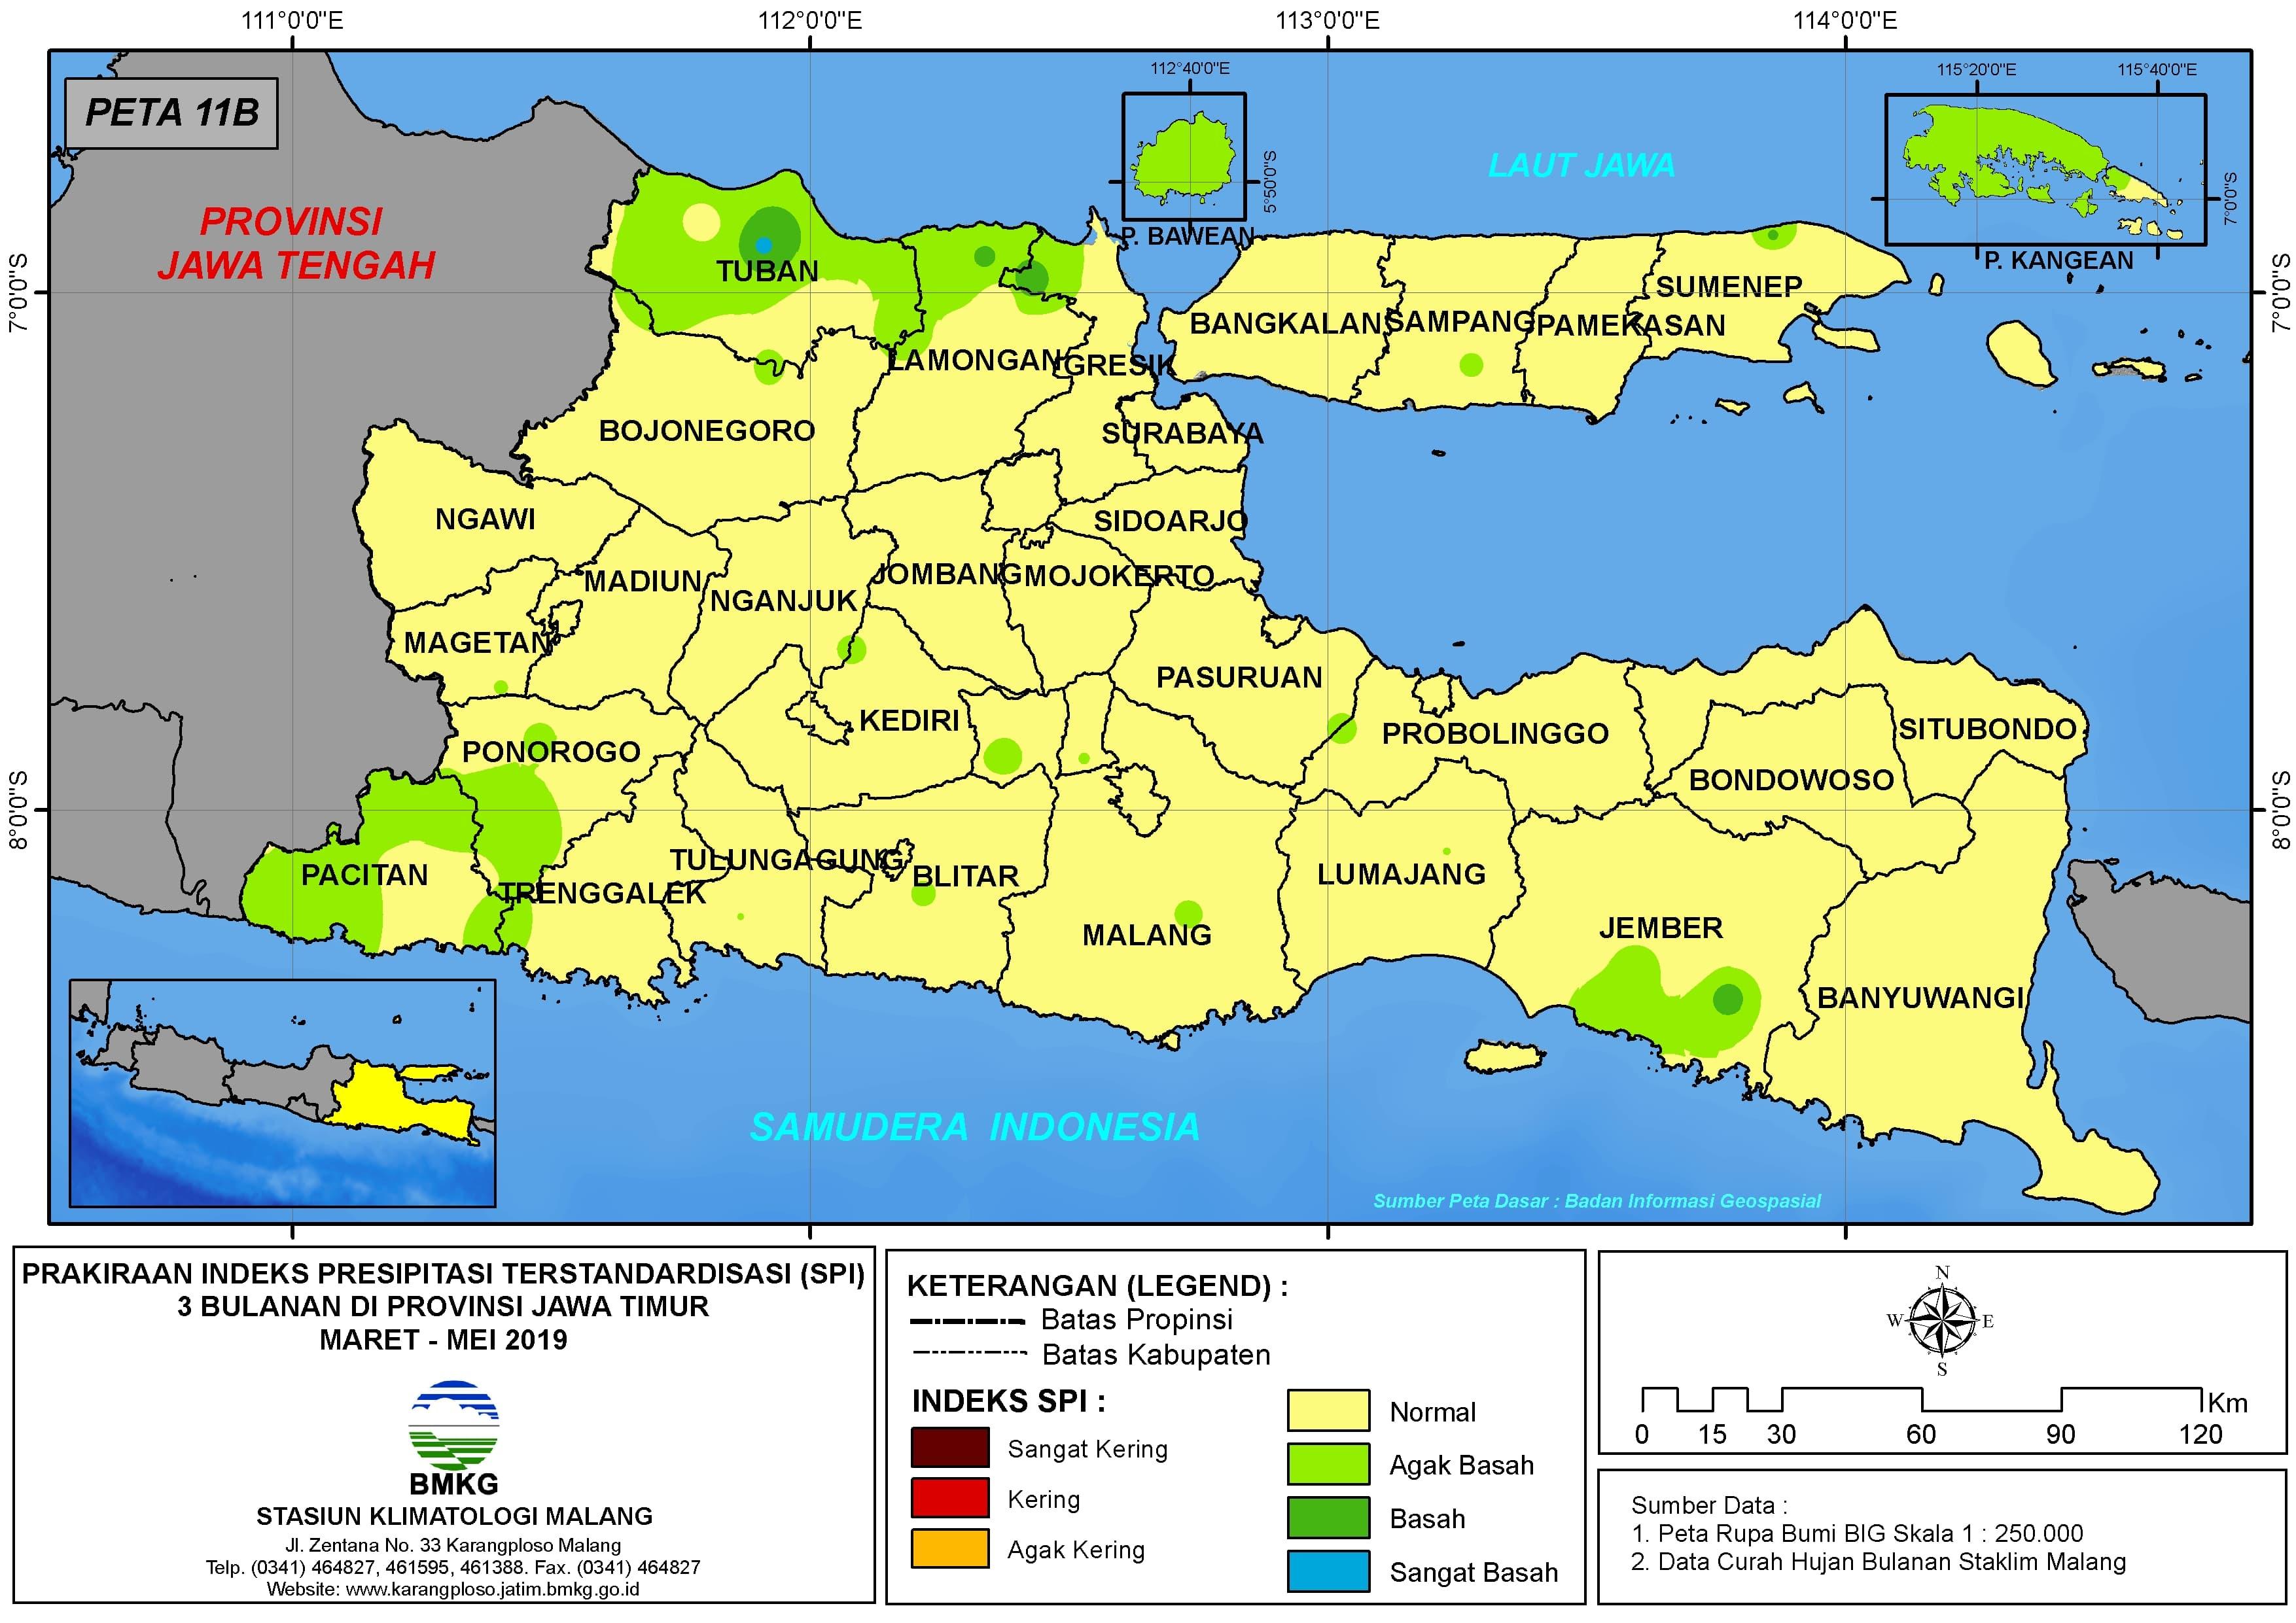 Prakiraan Bulanan Indeks Presipitasi Terstandarisasi (SPI) 3 Bulanan di Provinsi Jawa Timur Bulan MARET APRIL MEI Tahun 2019 Update dari Analisis Maret 2019